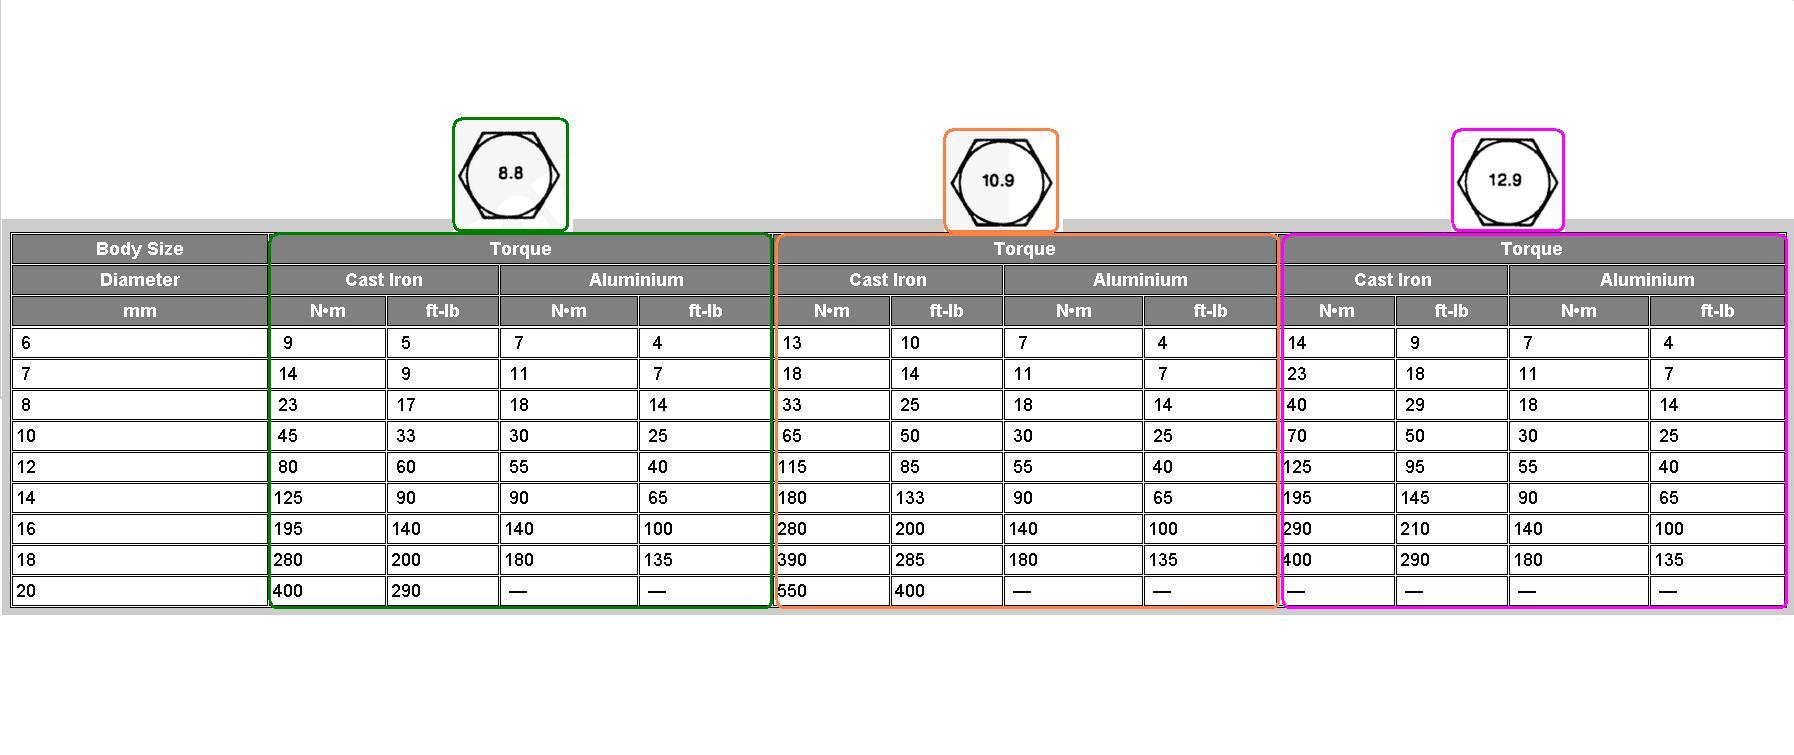 Bolt Torque Chart Templates